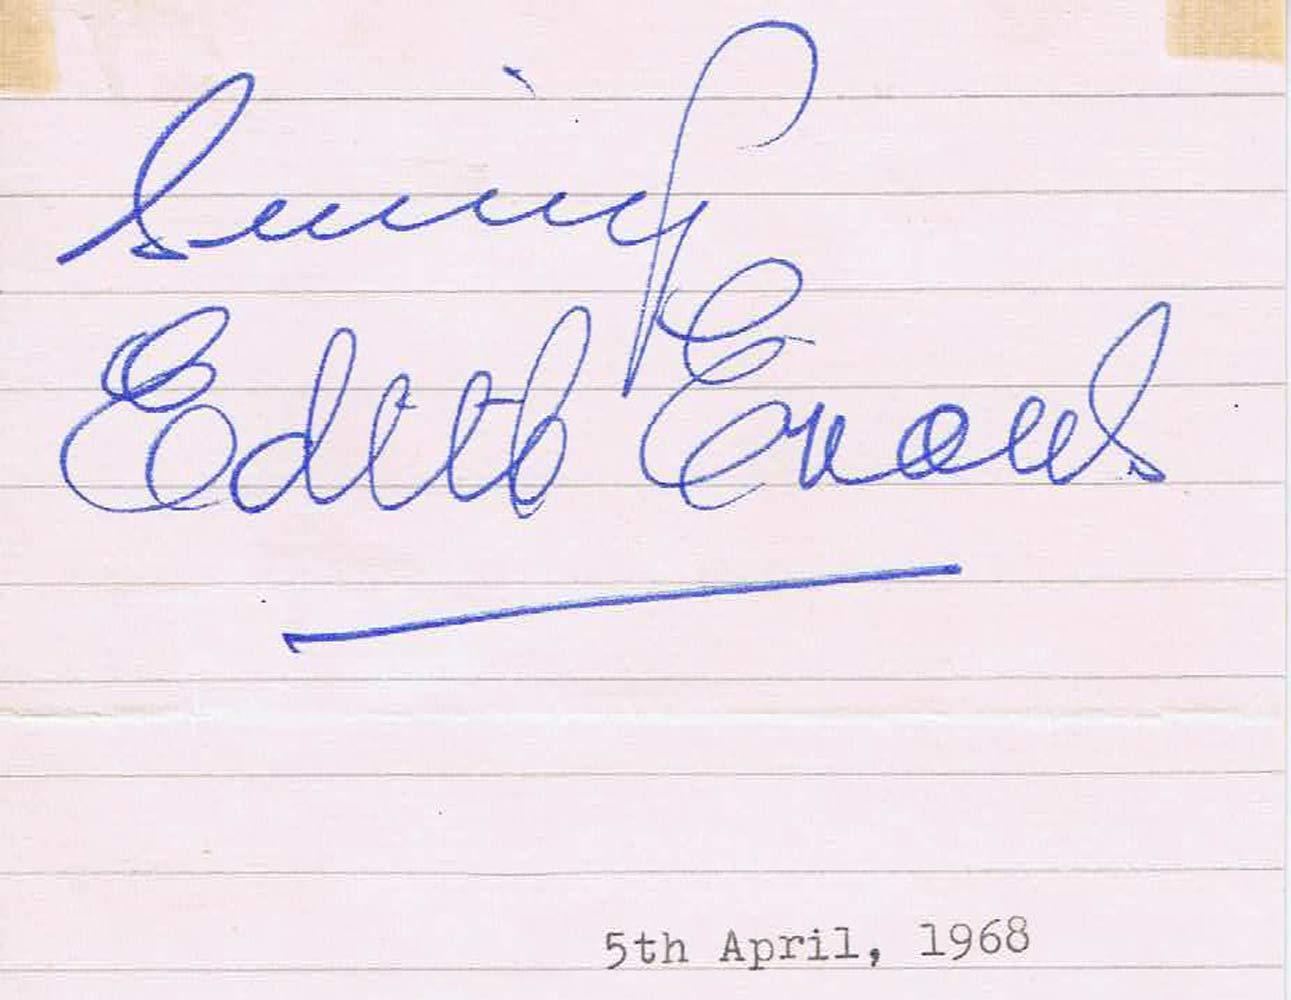 DAME EDITH EVANS Autograph